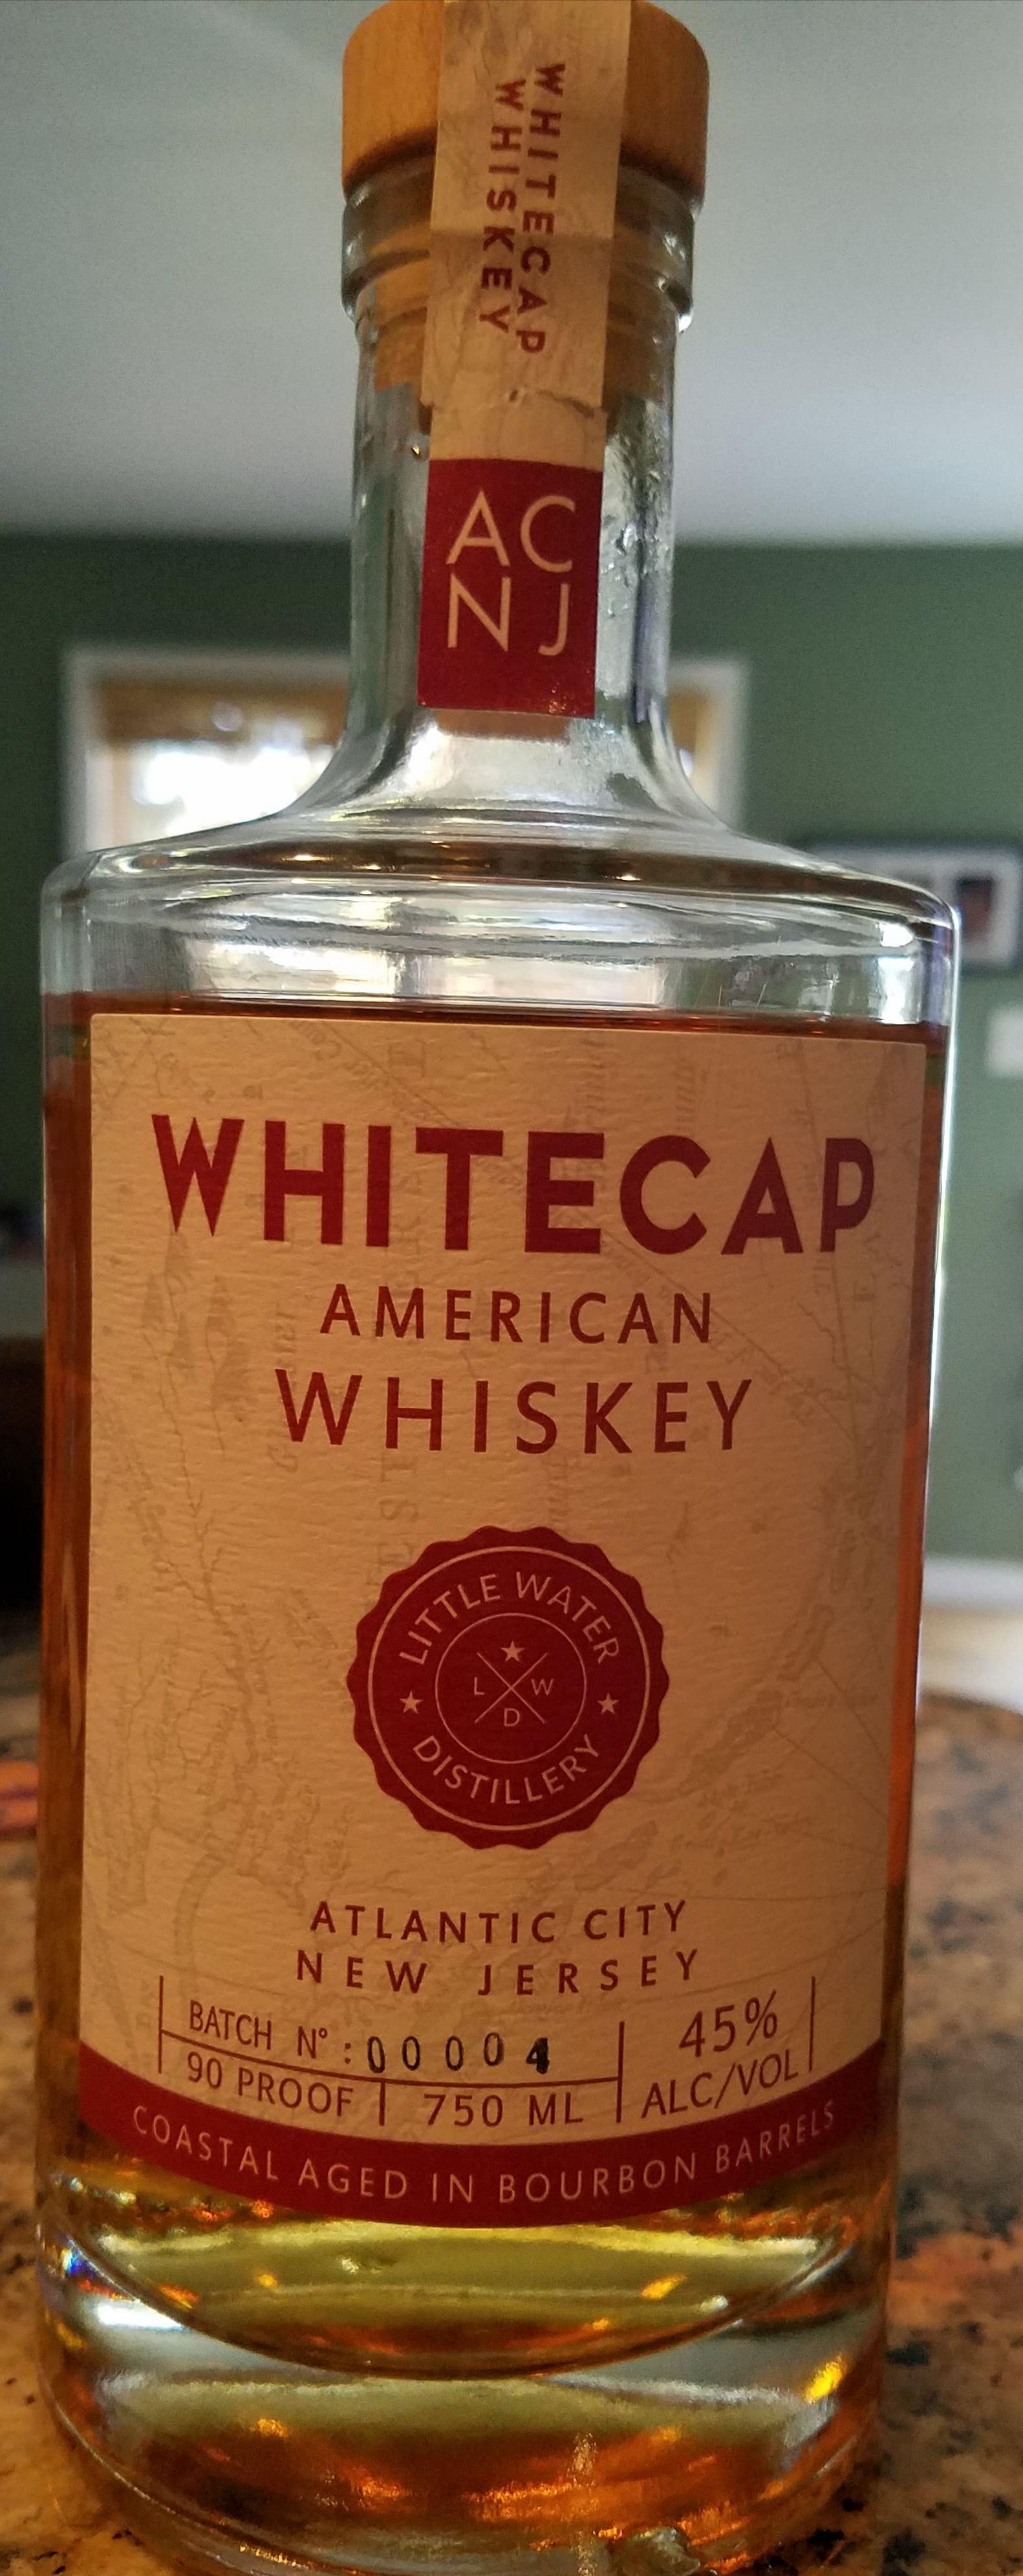 Whitecap American Whiskey